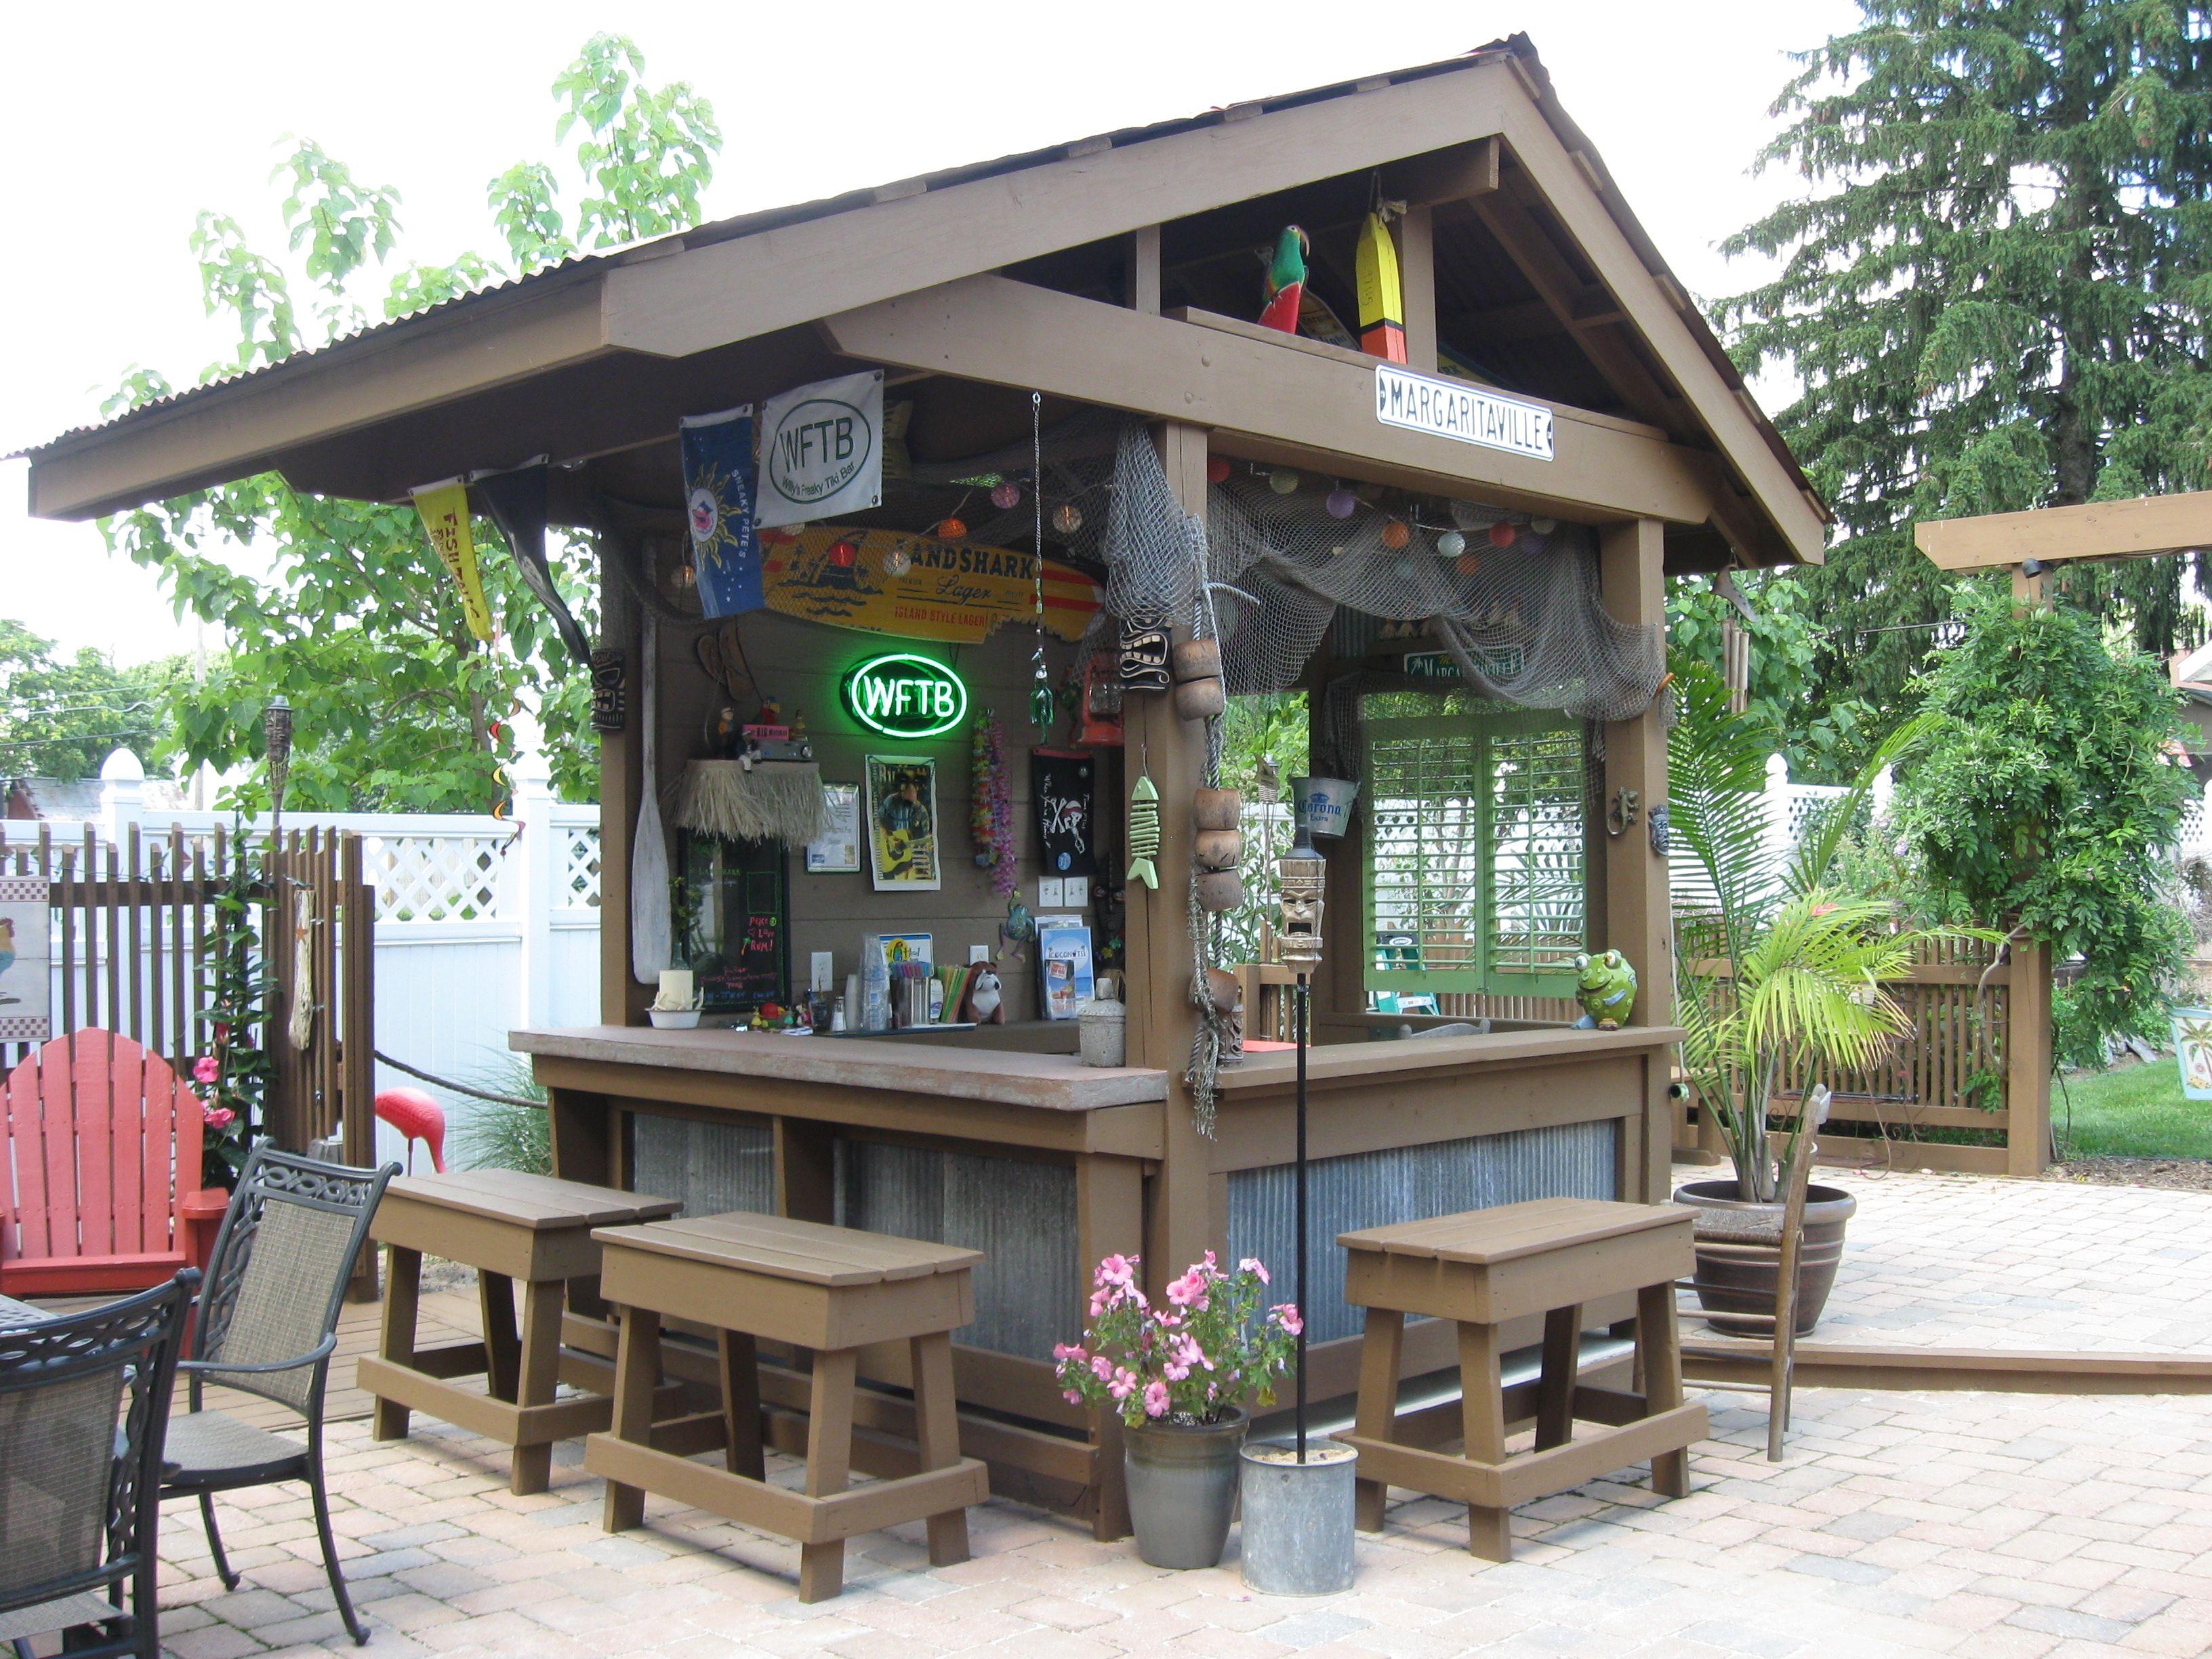 Backyard Tiki Bar | Backyard Ideas on Backyard Tiki Bar For Sale id=74759